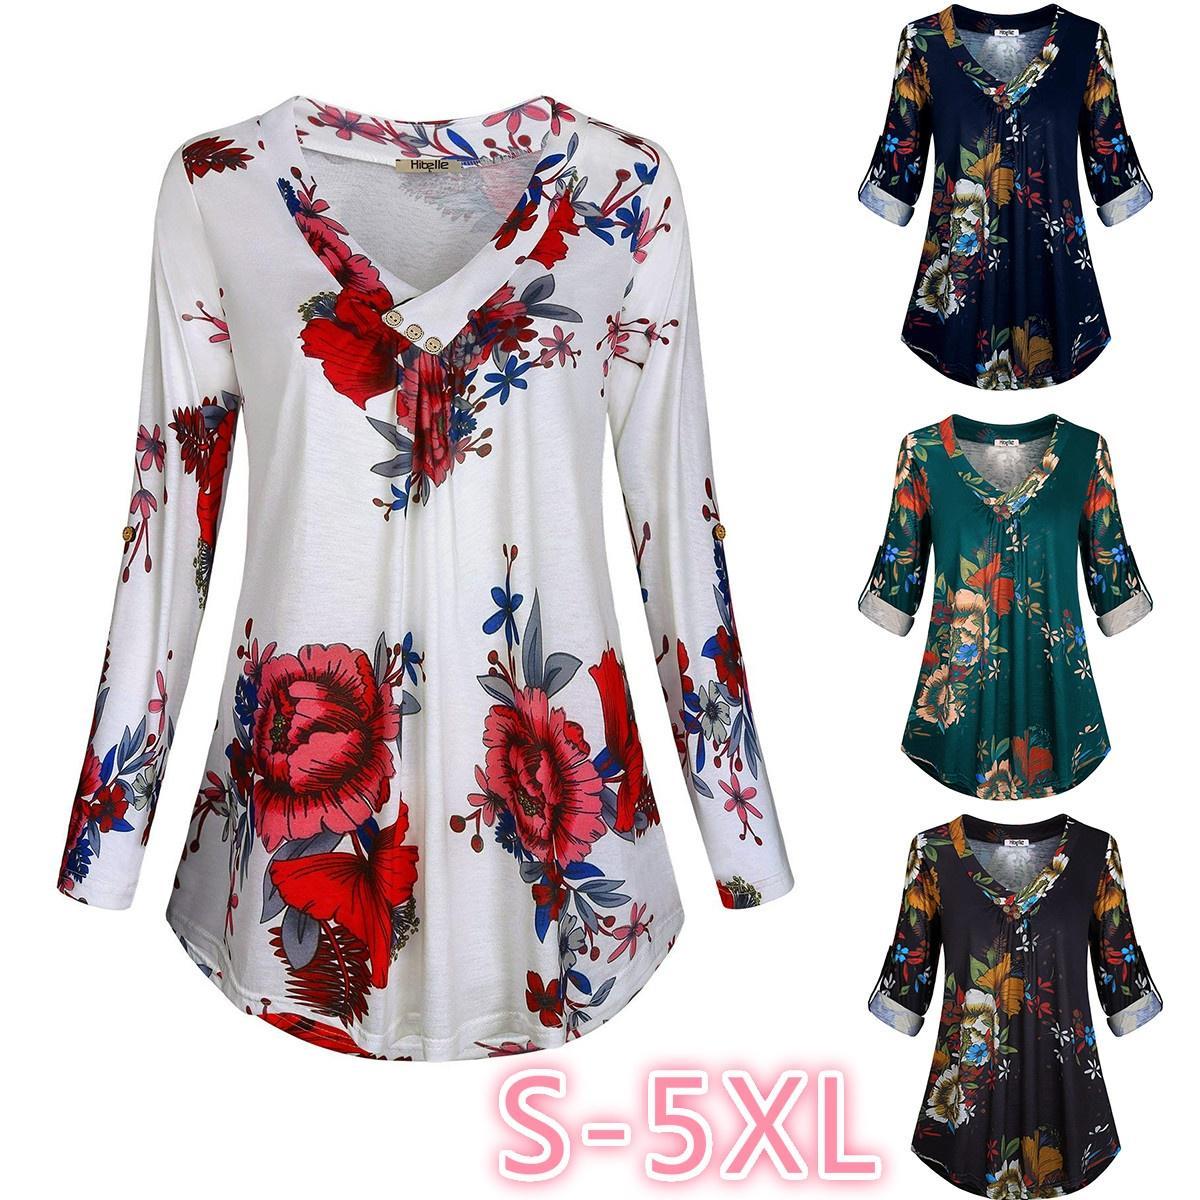 Womens Plus Размер V шеи блузка Дамы Длинные рукава случайные цветочные рубашки Топы Ти